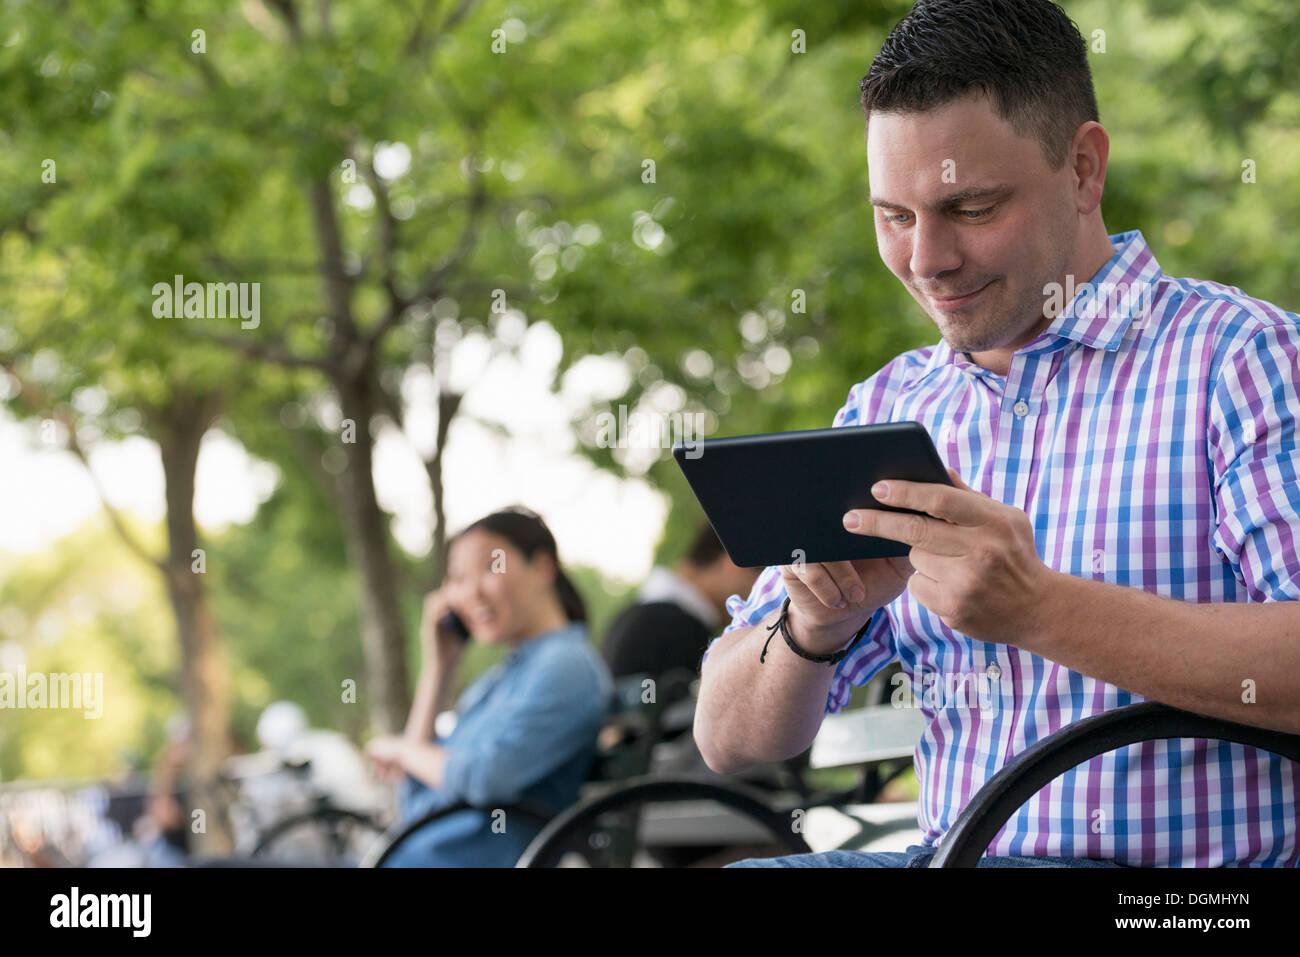 En el verano. Una mujer y dos hombres sentados en el parque, cada uno en su propio teléfono o usando un tablet. Imagen De Stock